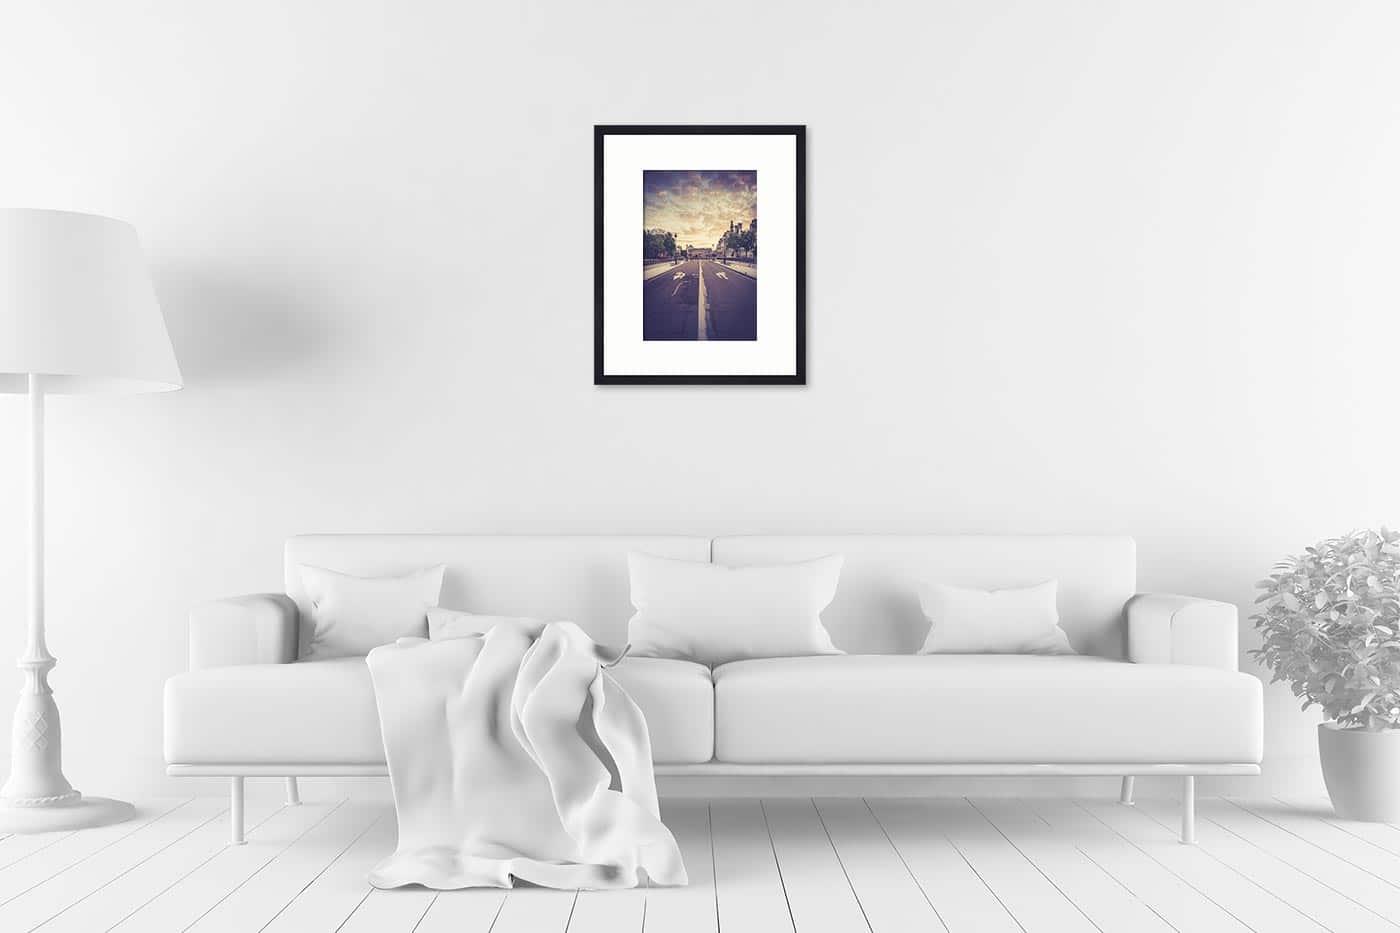 Cadre galerie 40x50 Paris 6H34